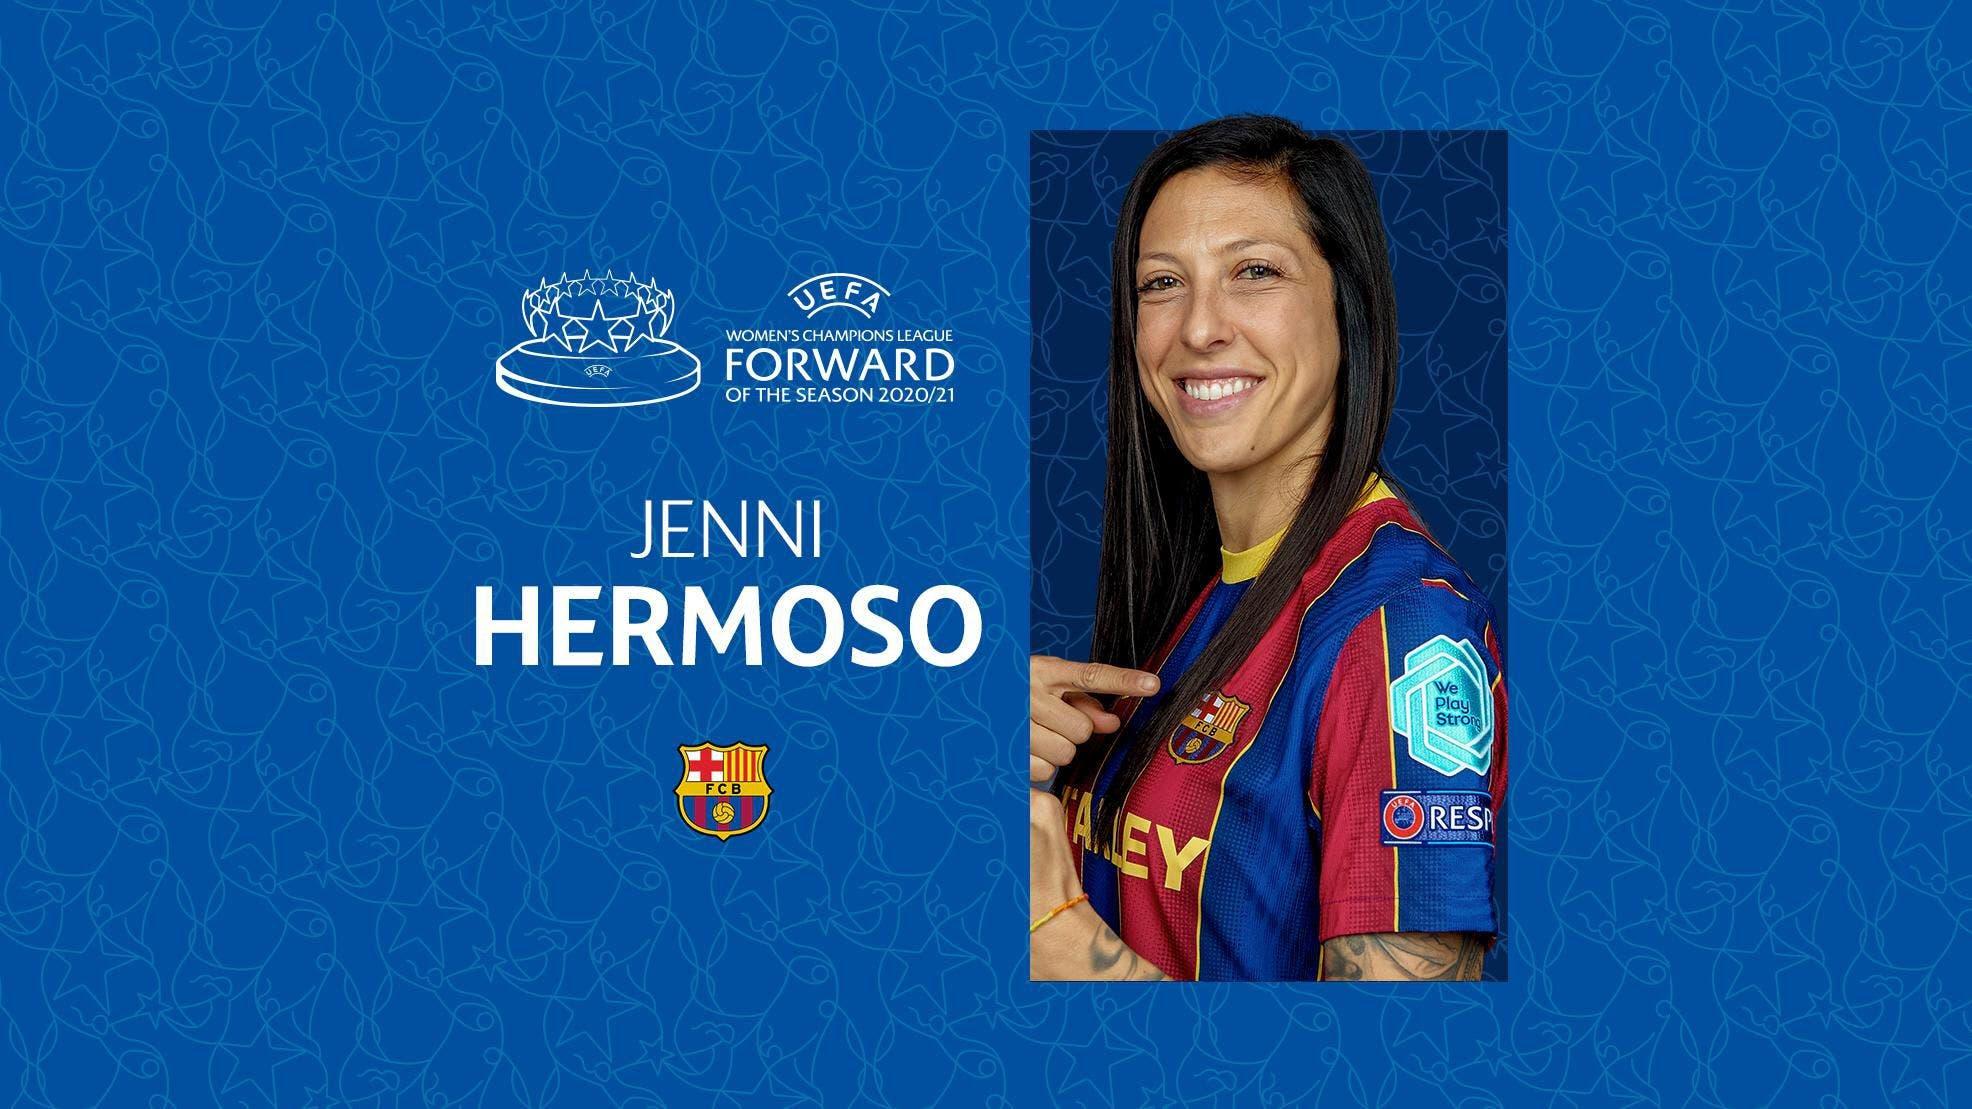 ینی هرموسو